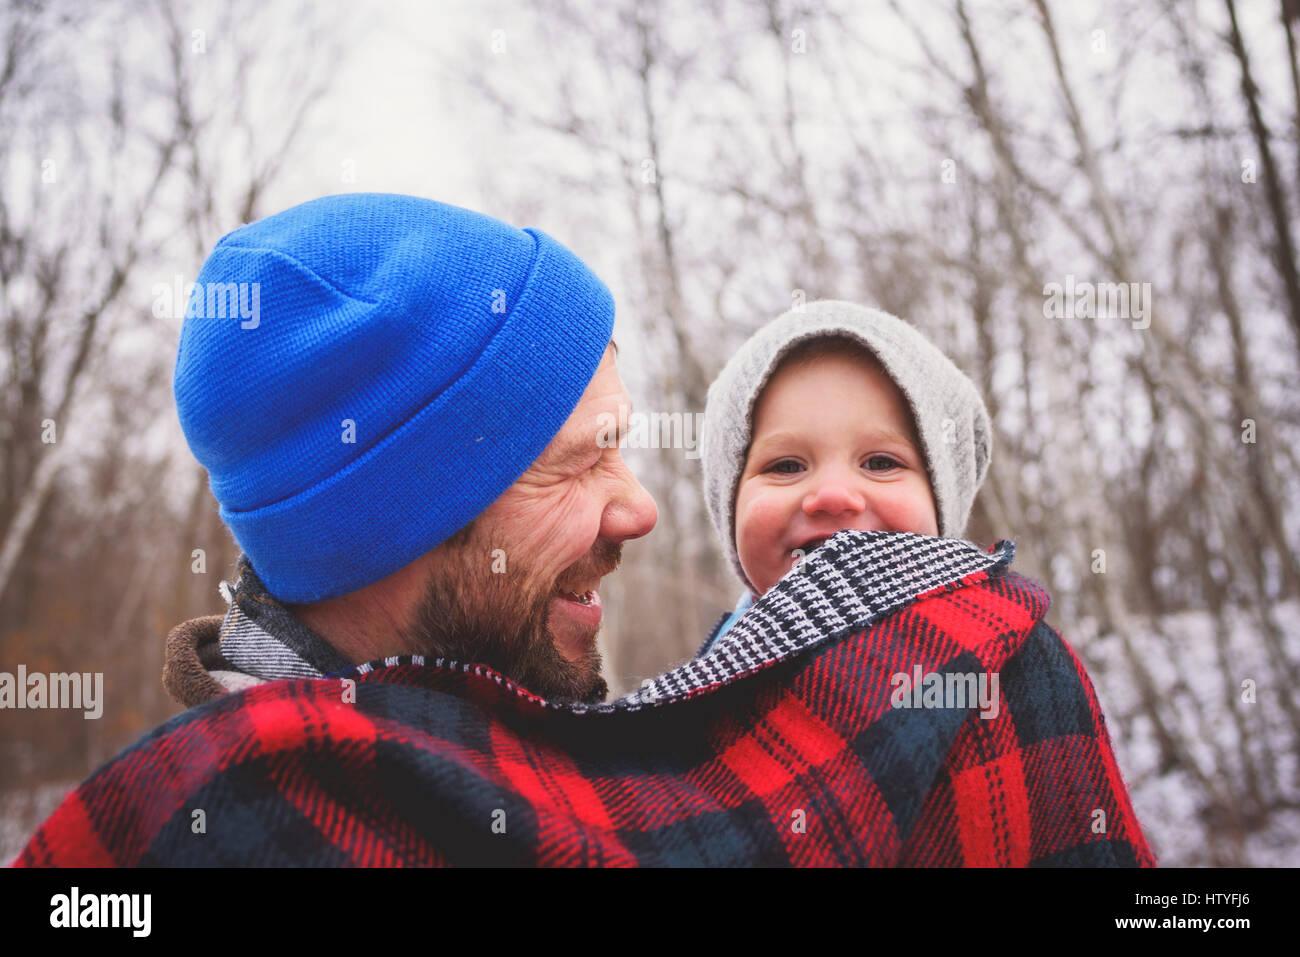 Vater und Baby Sohn in eine Decke gehüllt Stockbild